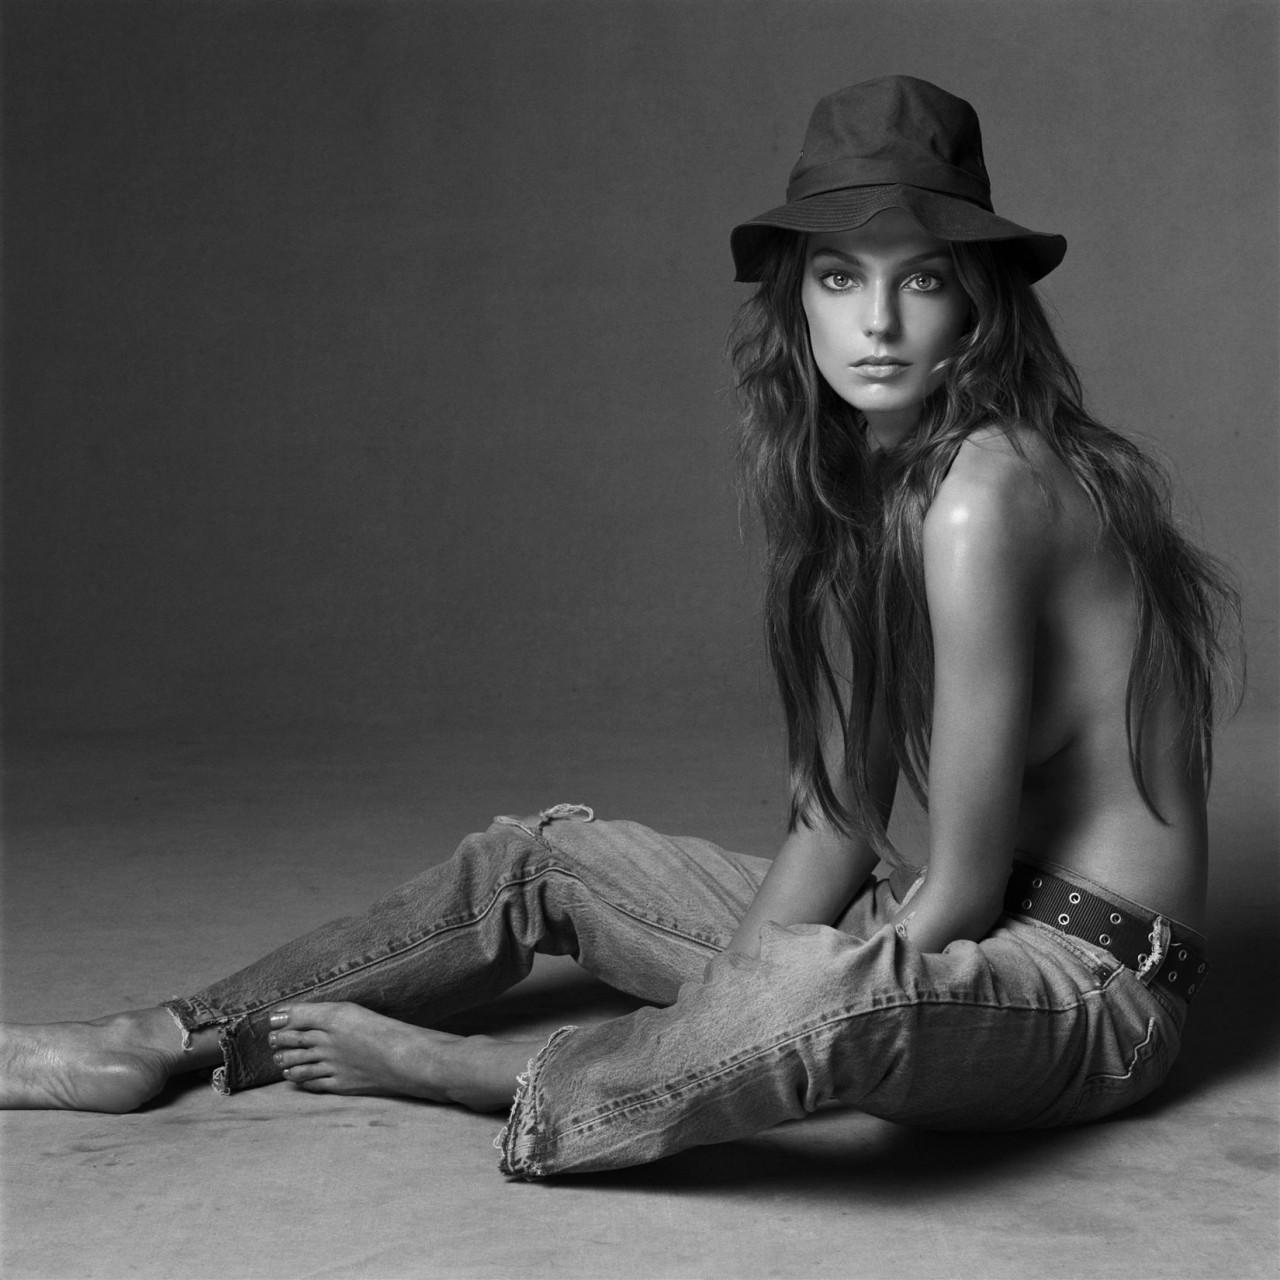 Дарья Вербова  в фотосессии Стивена Майзела для журнала Vogue май 2004